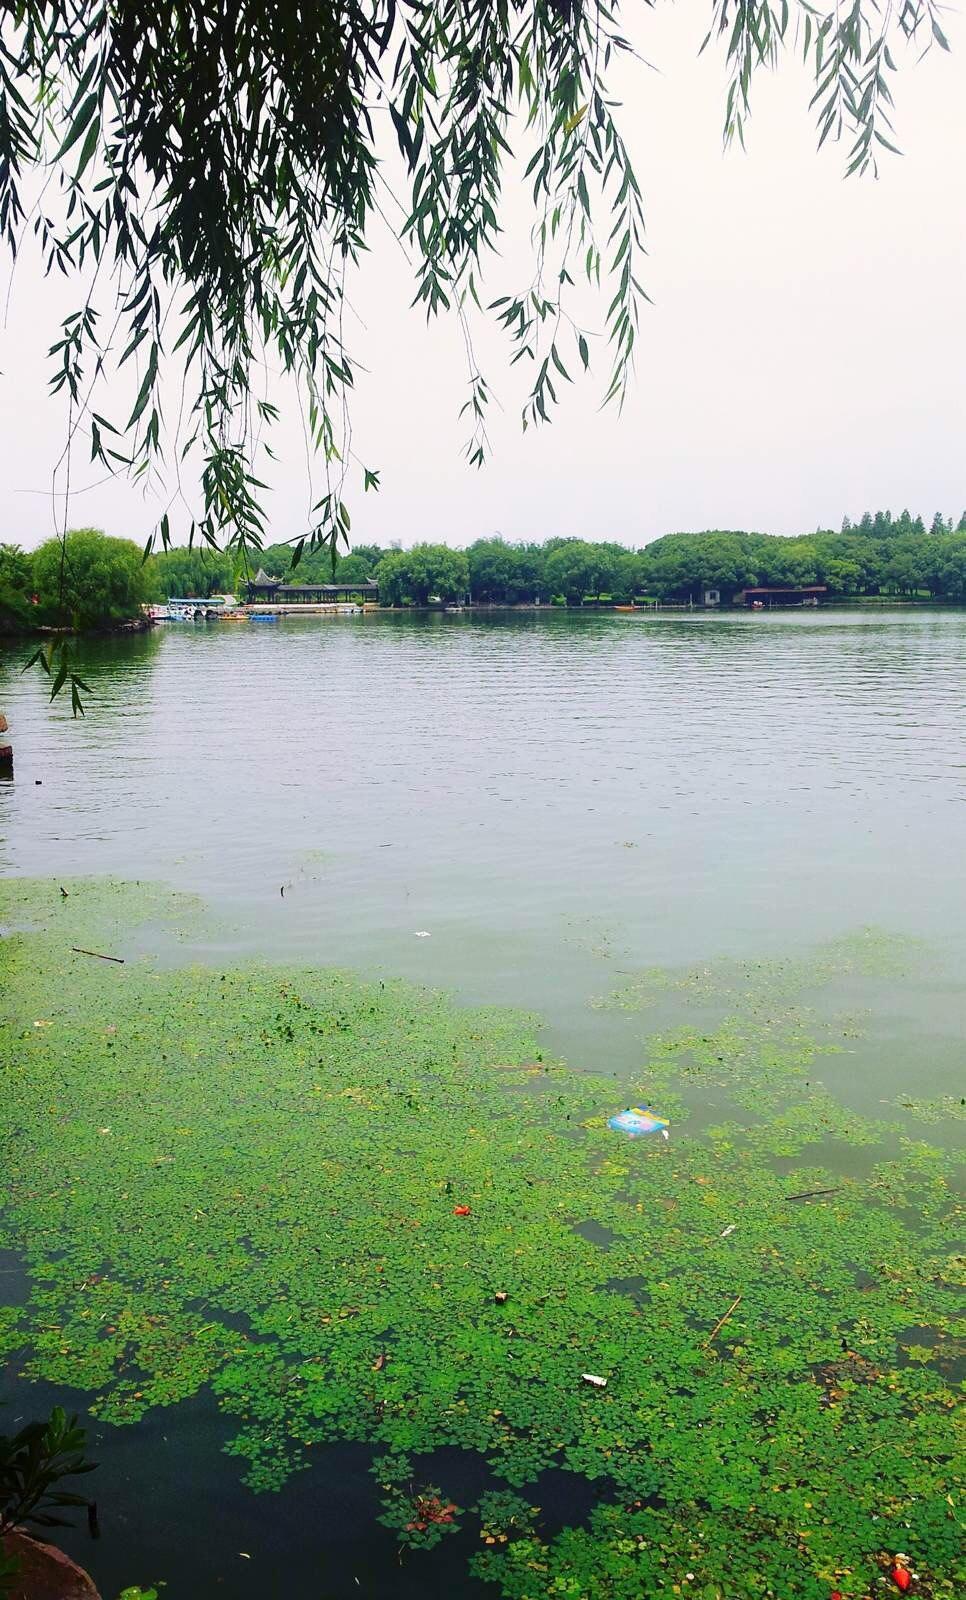 东钱湖又称钱湖,万金湖,是浙江省著名的风景名胜区,距宁波城东15公